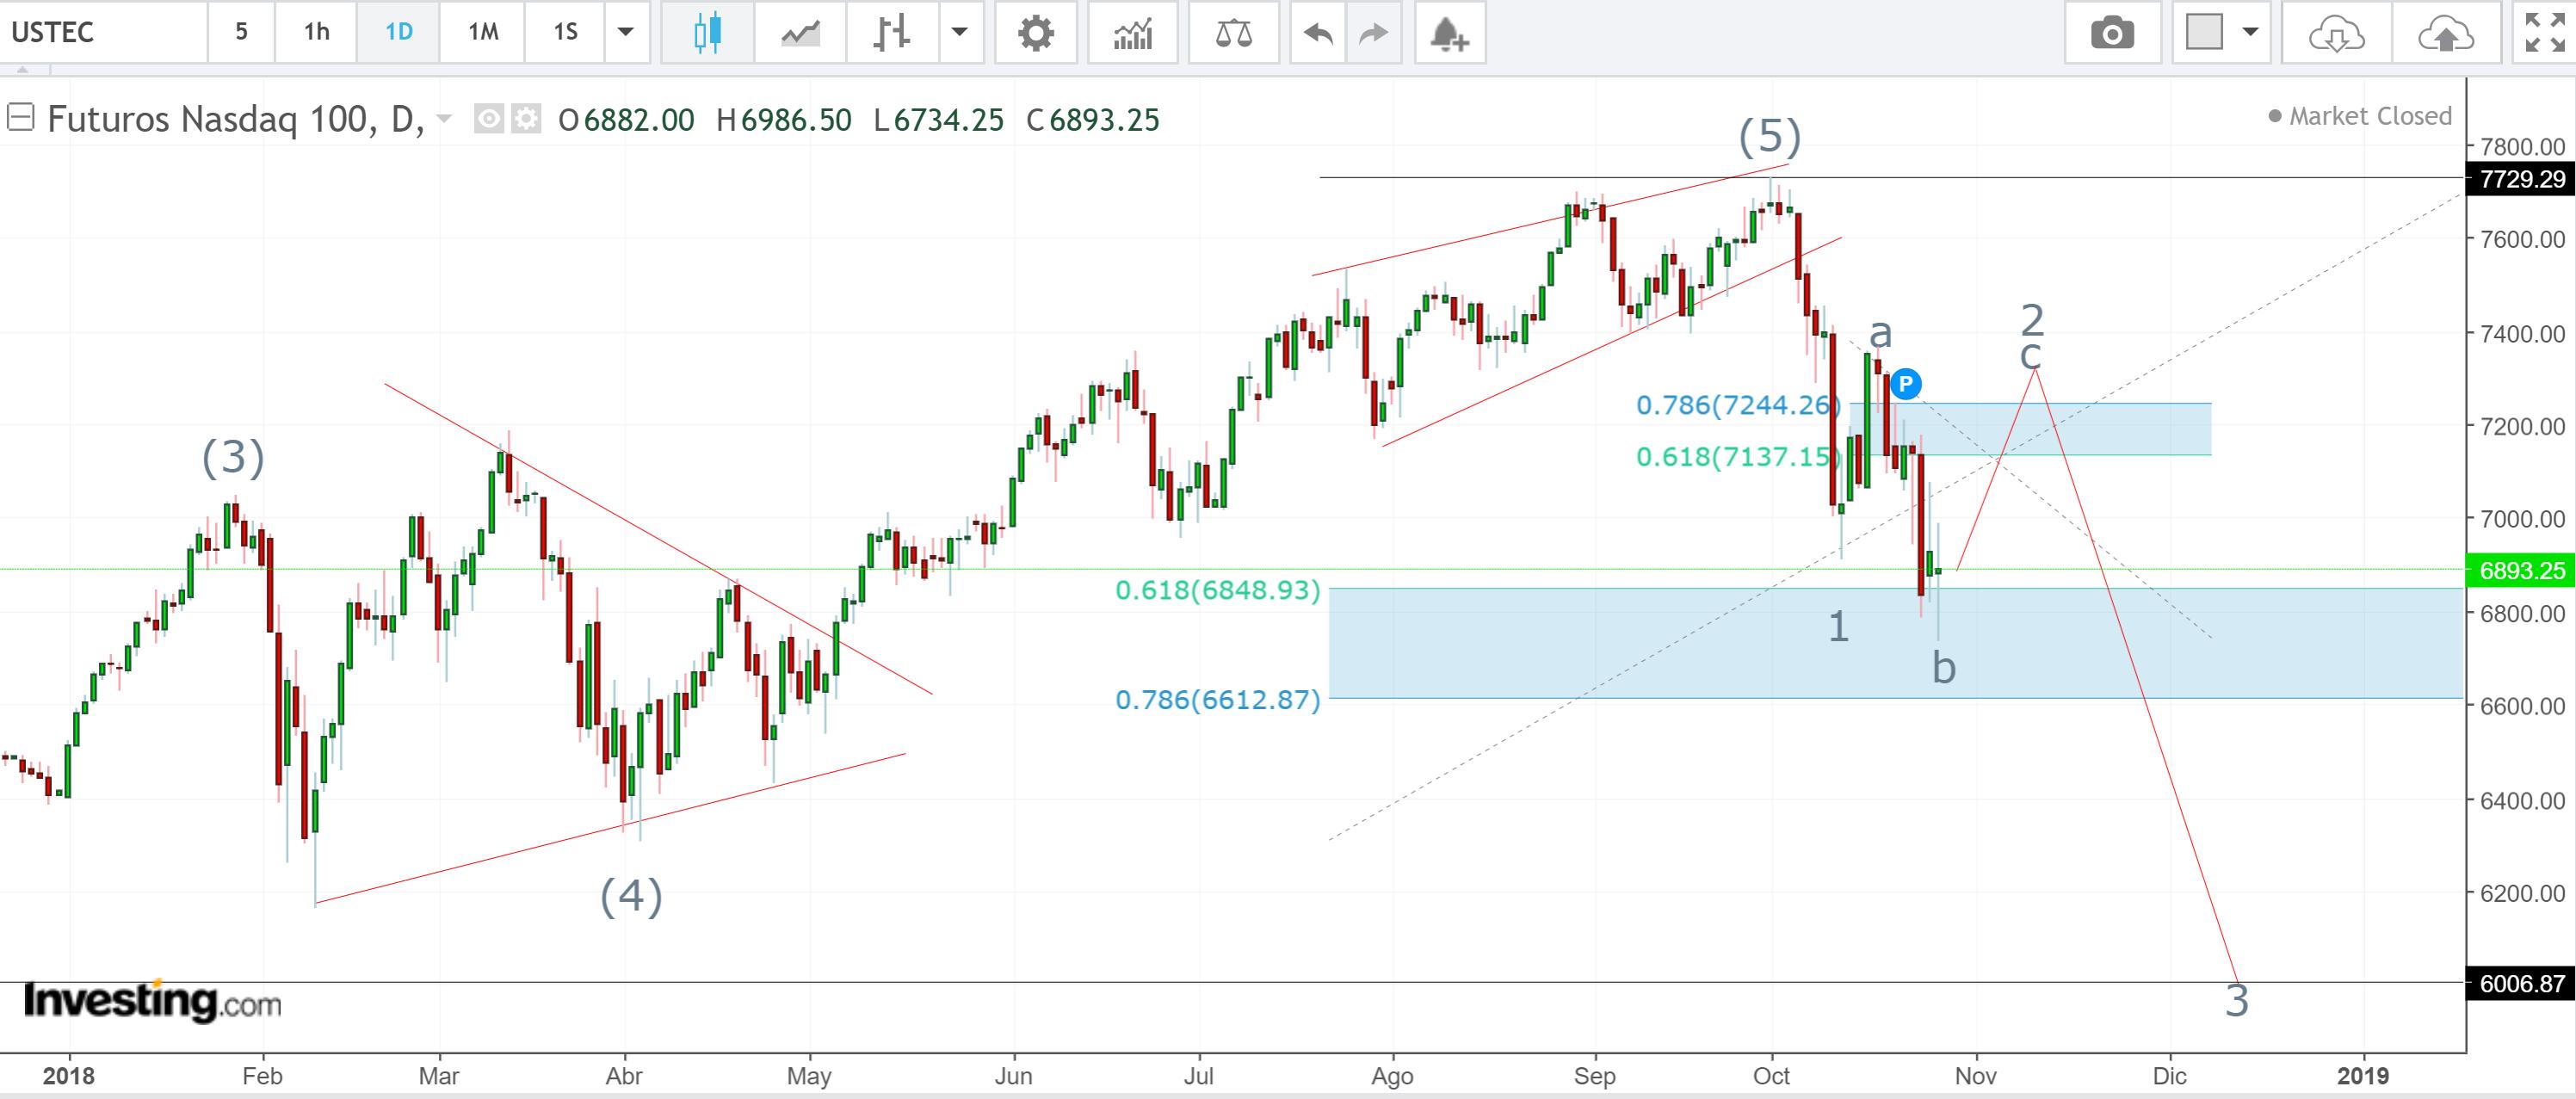 ¿Profundizara la caída del Wall Street?